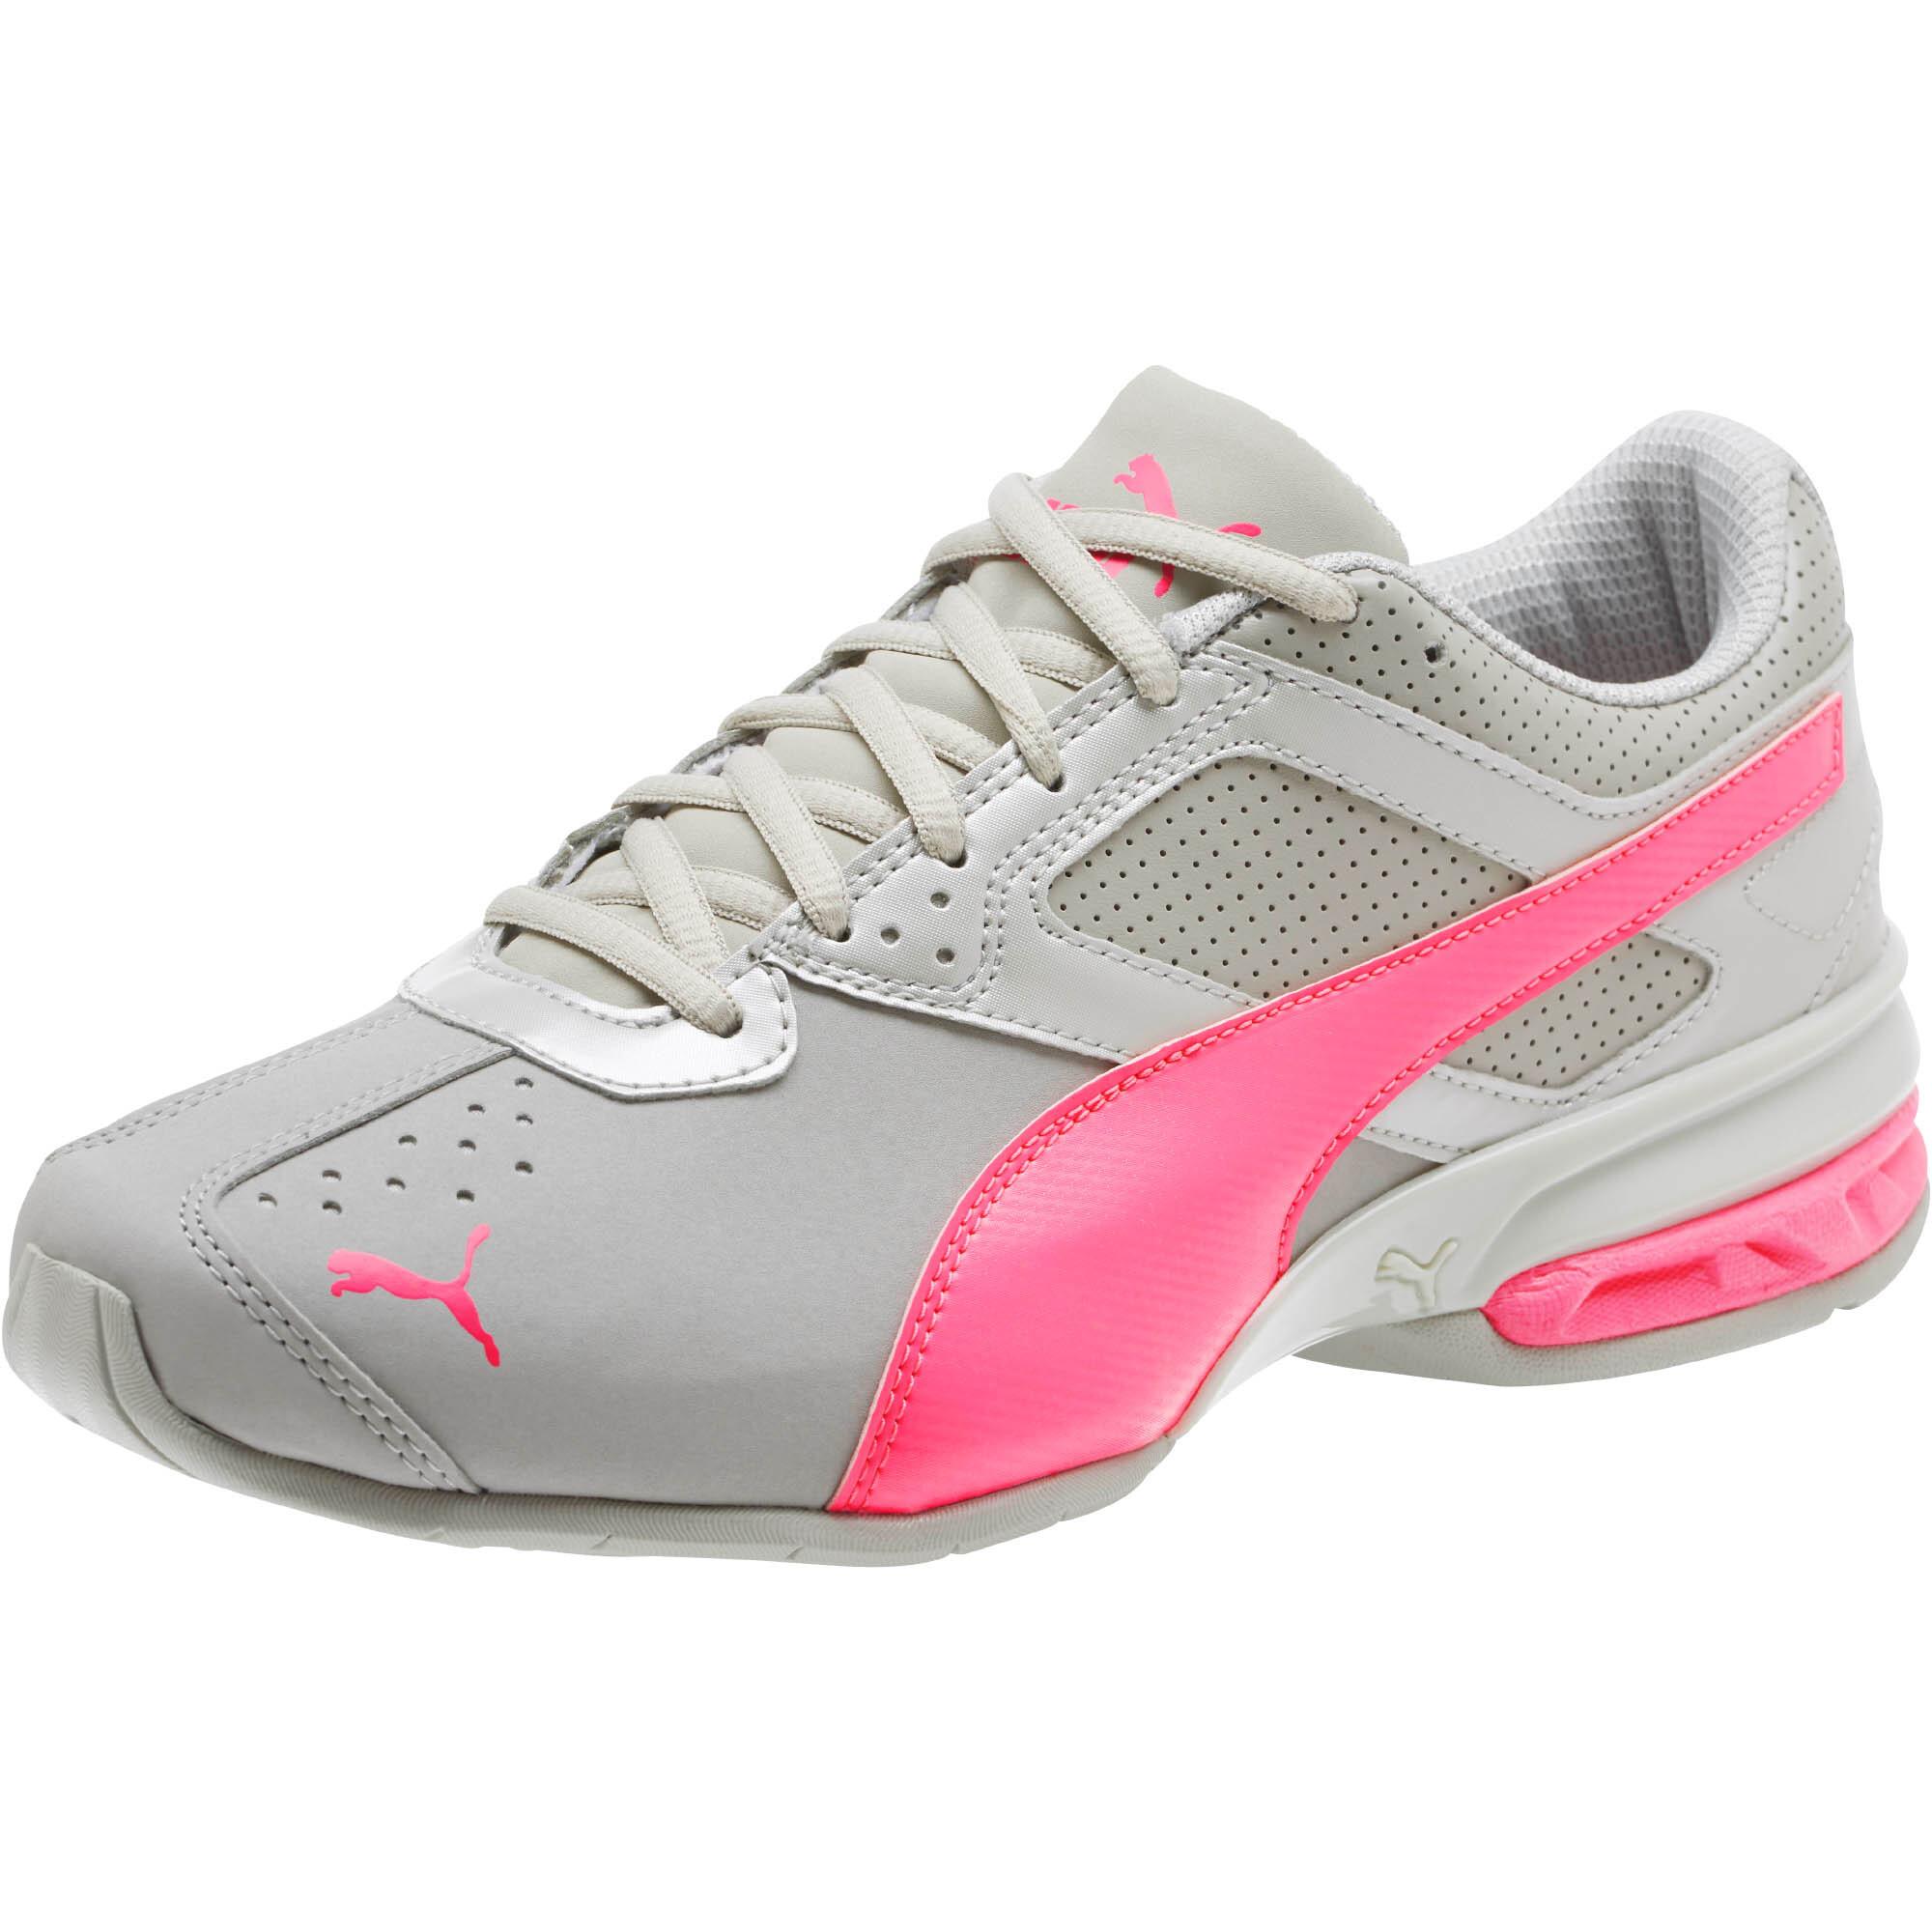 PUMA-Tazon-6-FM-Women-039-s-Sneakers-Women-Shoe-Running thumbnail 5